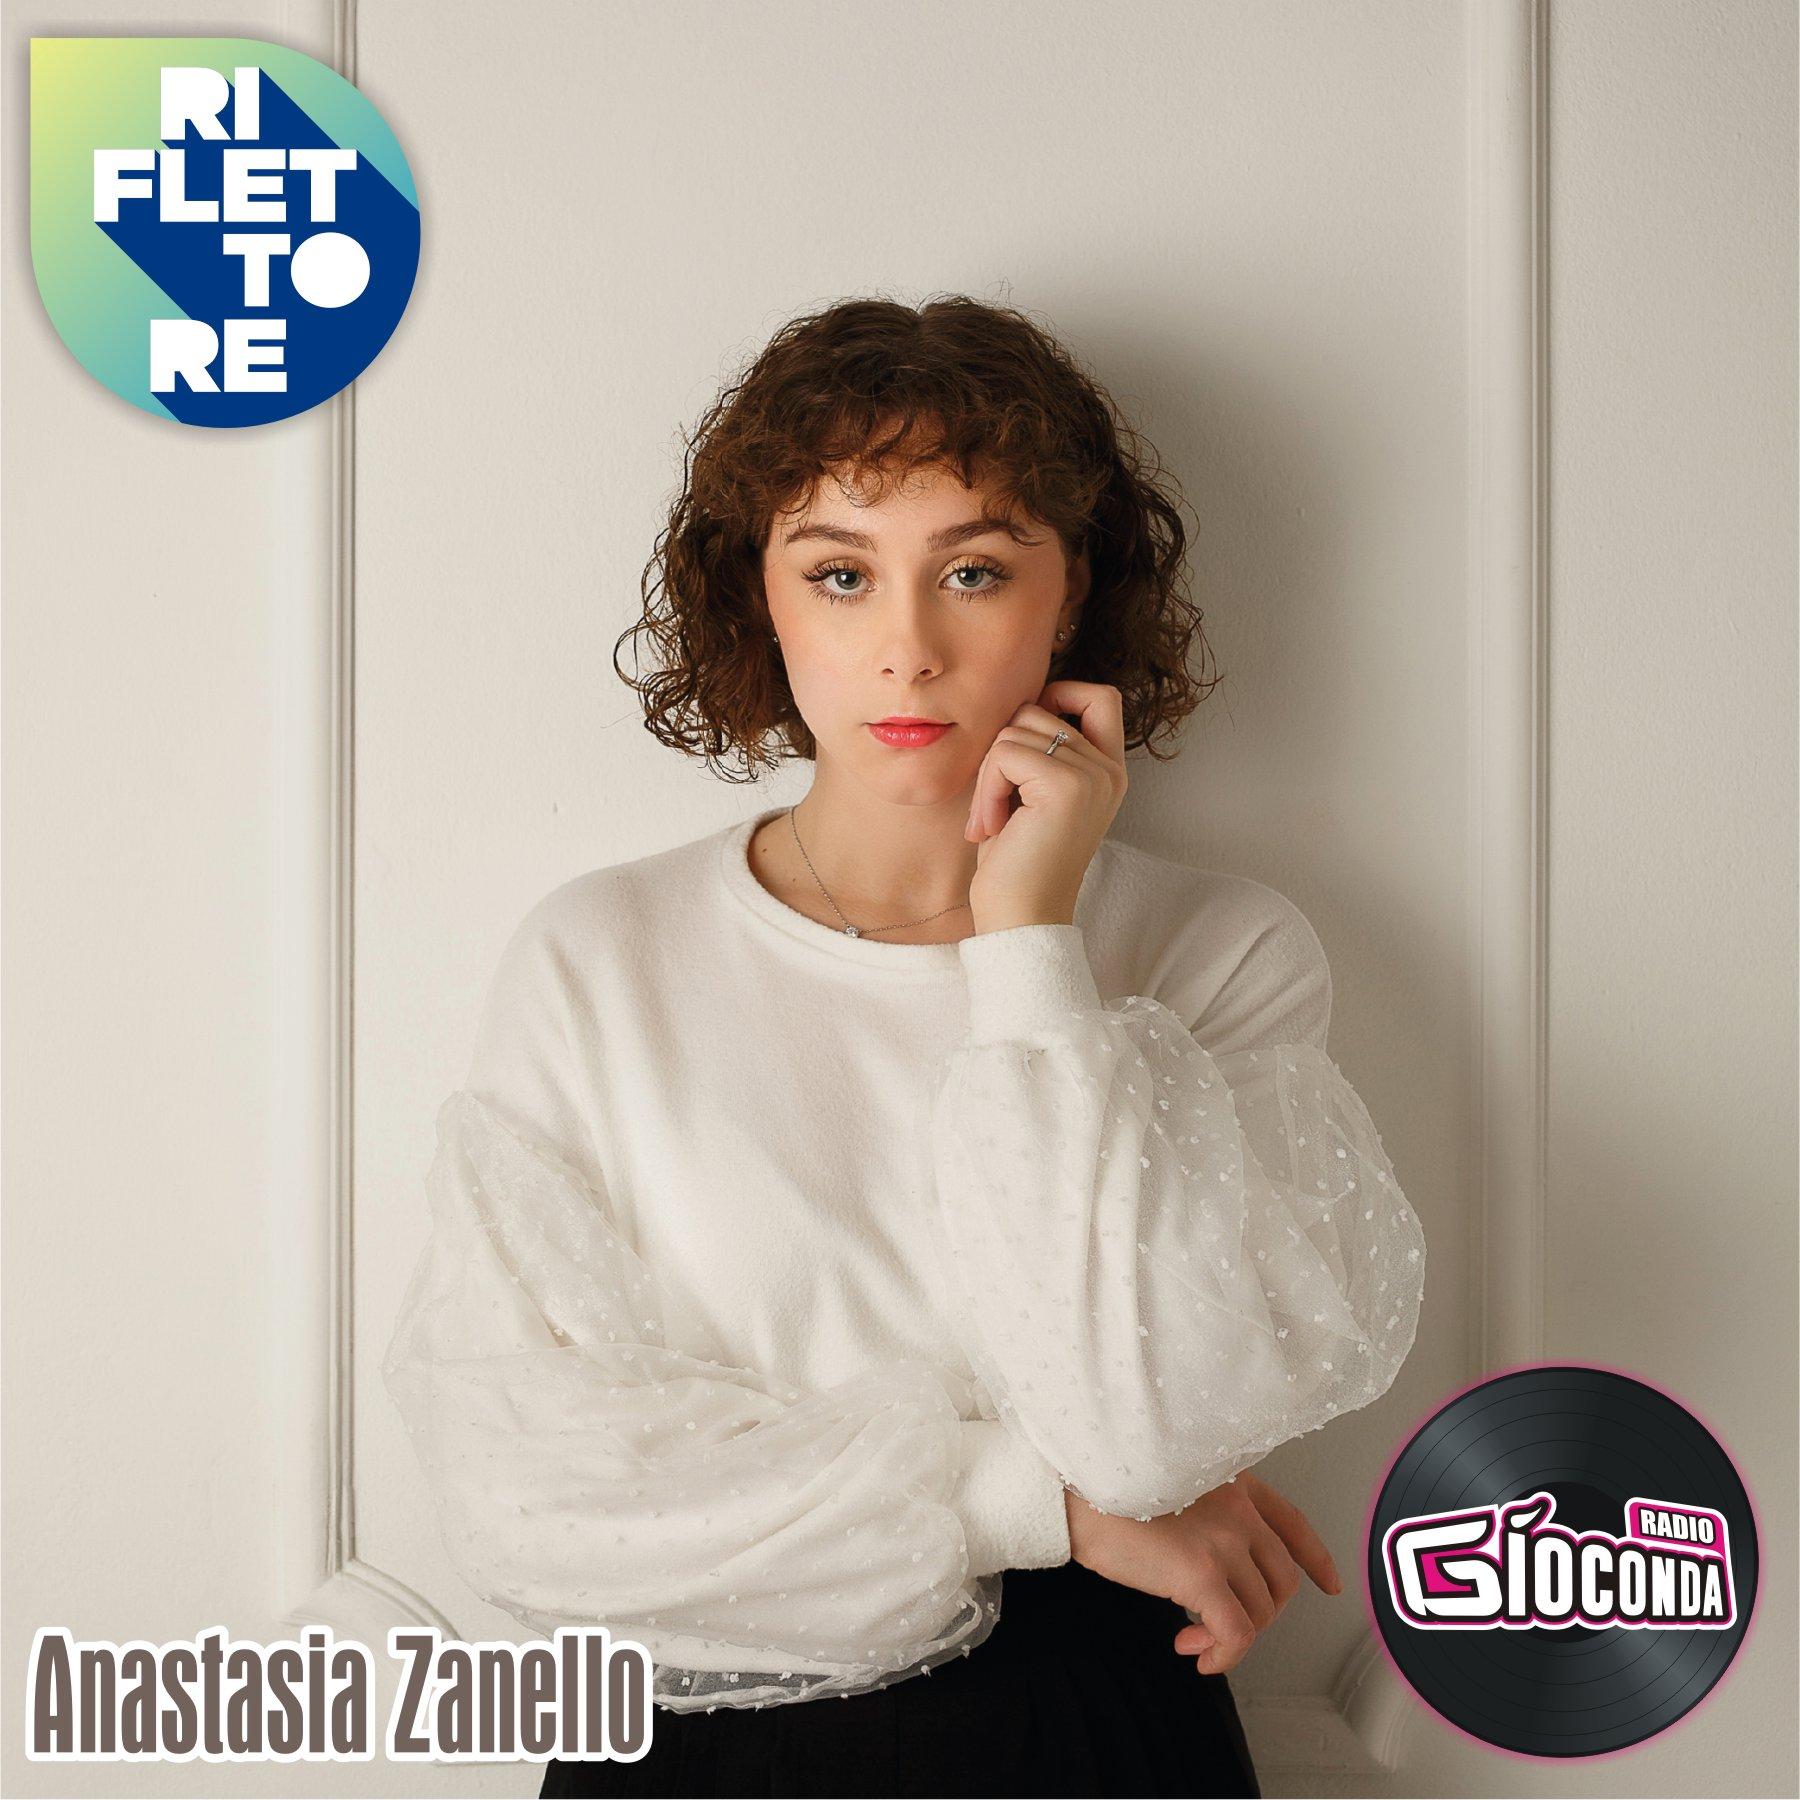 Riflettore con la cantautrice Anastasia Zanello